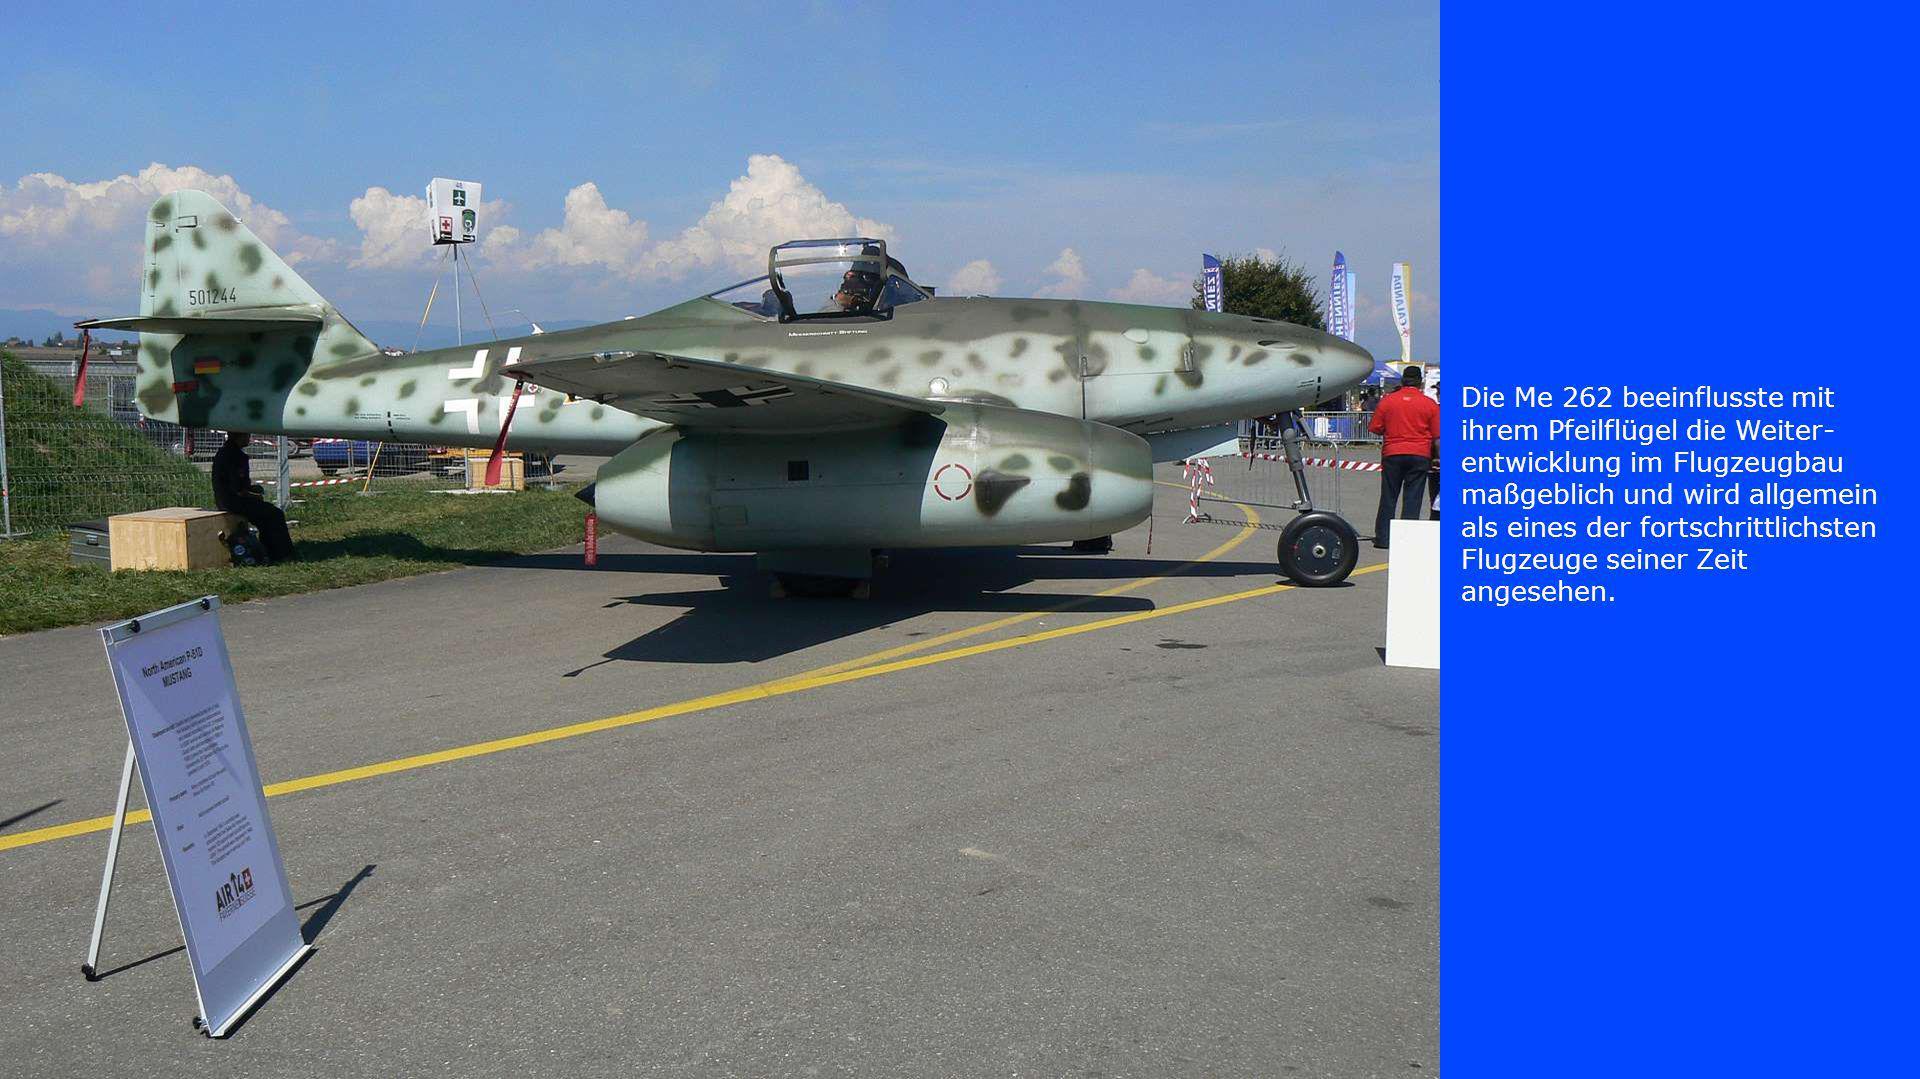 Die Me 262 beeinflusste mit ihrem Pfeilflügel die Weiter- entwicklung im Flugzeugbau maßgeblich und wird allgemein als eines der fortschrittlichsten Flugzeuge seiner Zeit angesehen.